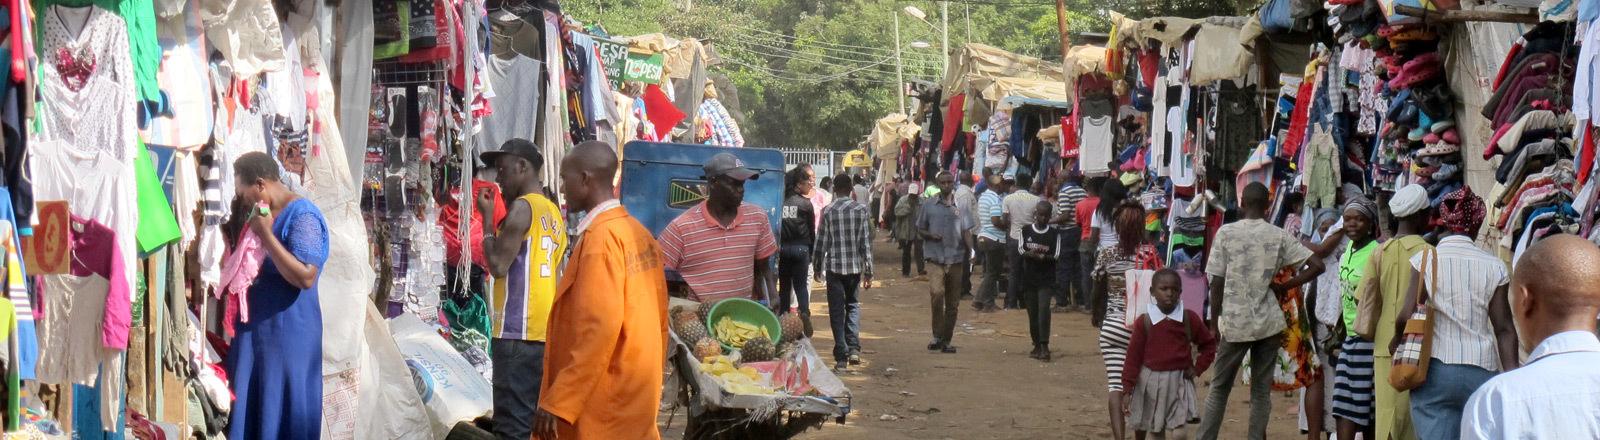 Ein Second-Hand-Markt für Kleidung in Kenia.